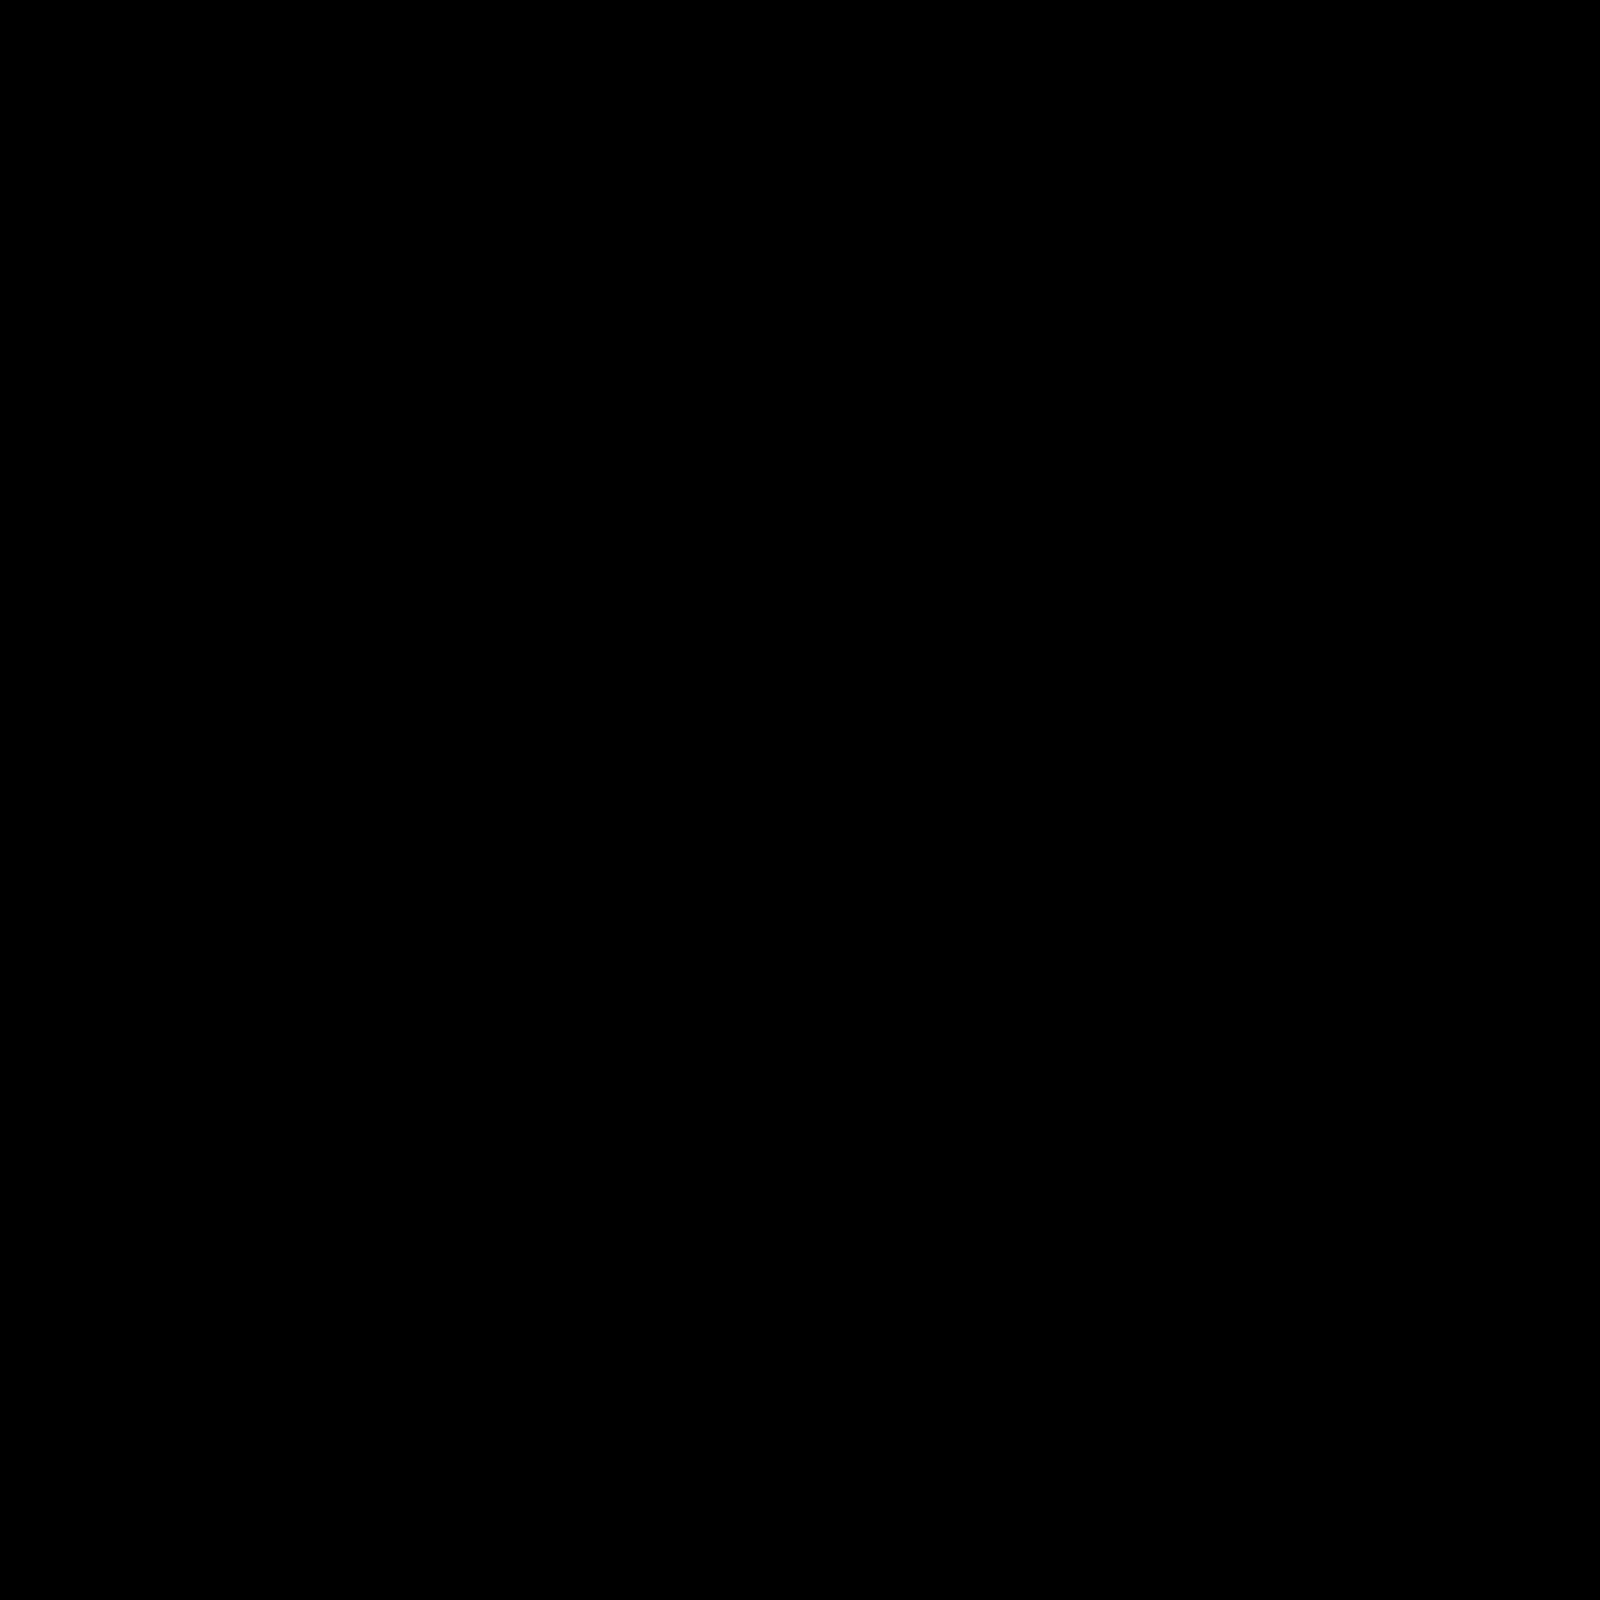 Pobierz raport wykresu kołowego icon